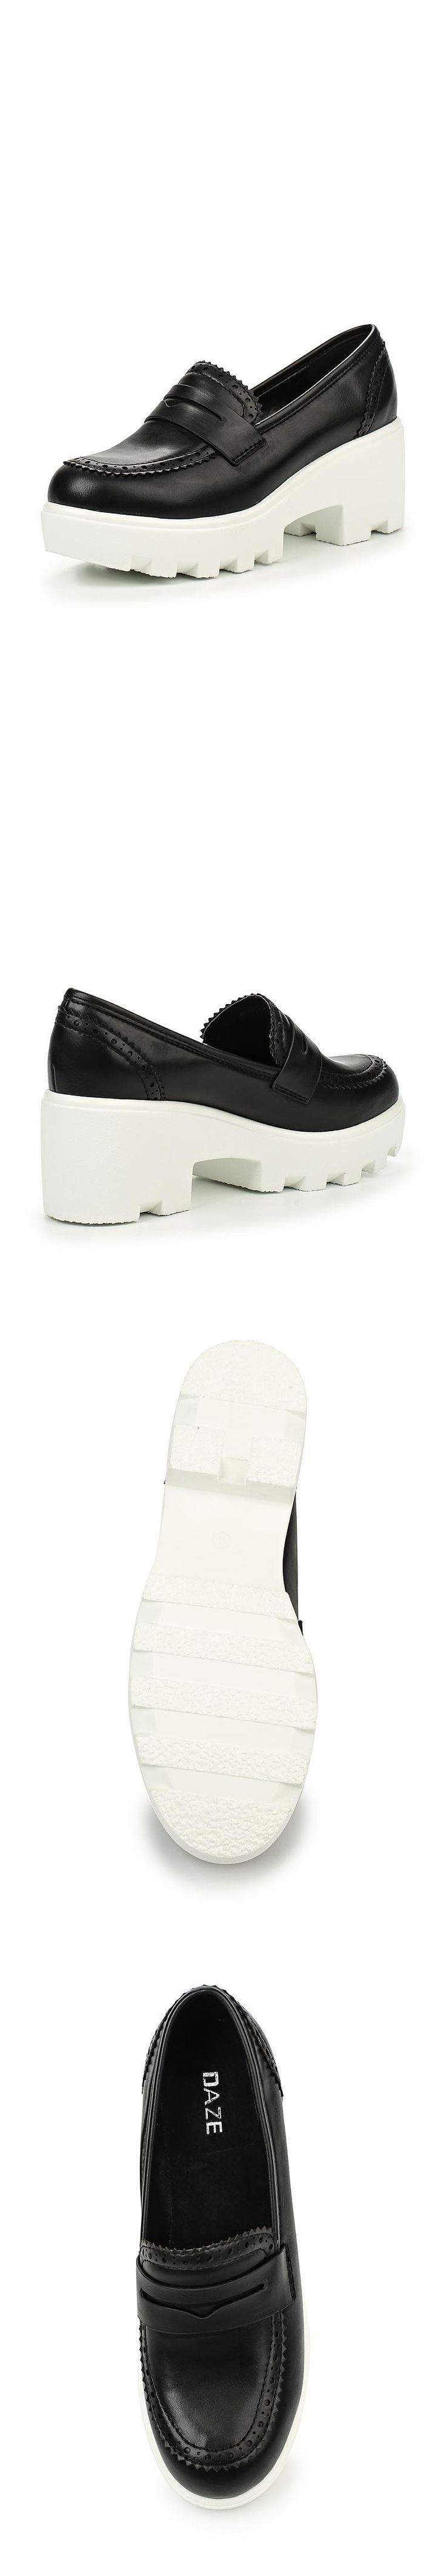 Женская обувь туфли Daze за 4399.00 руб.